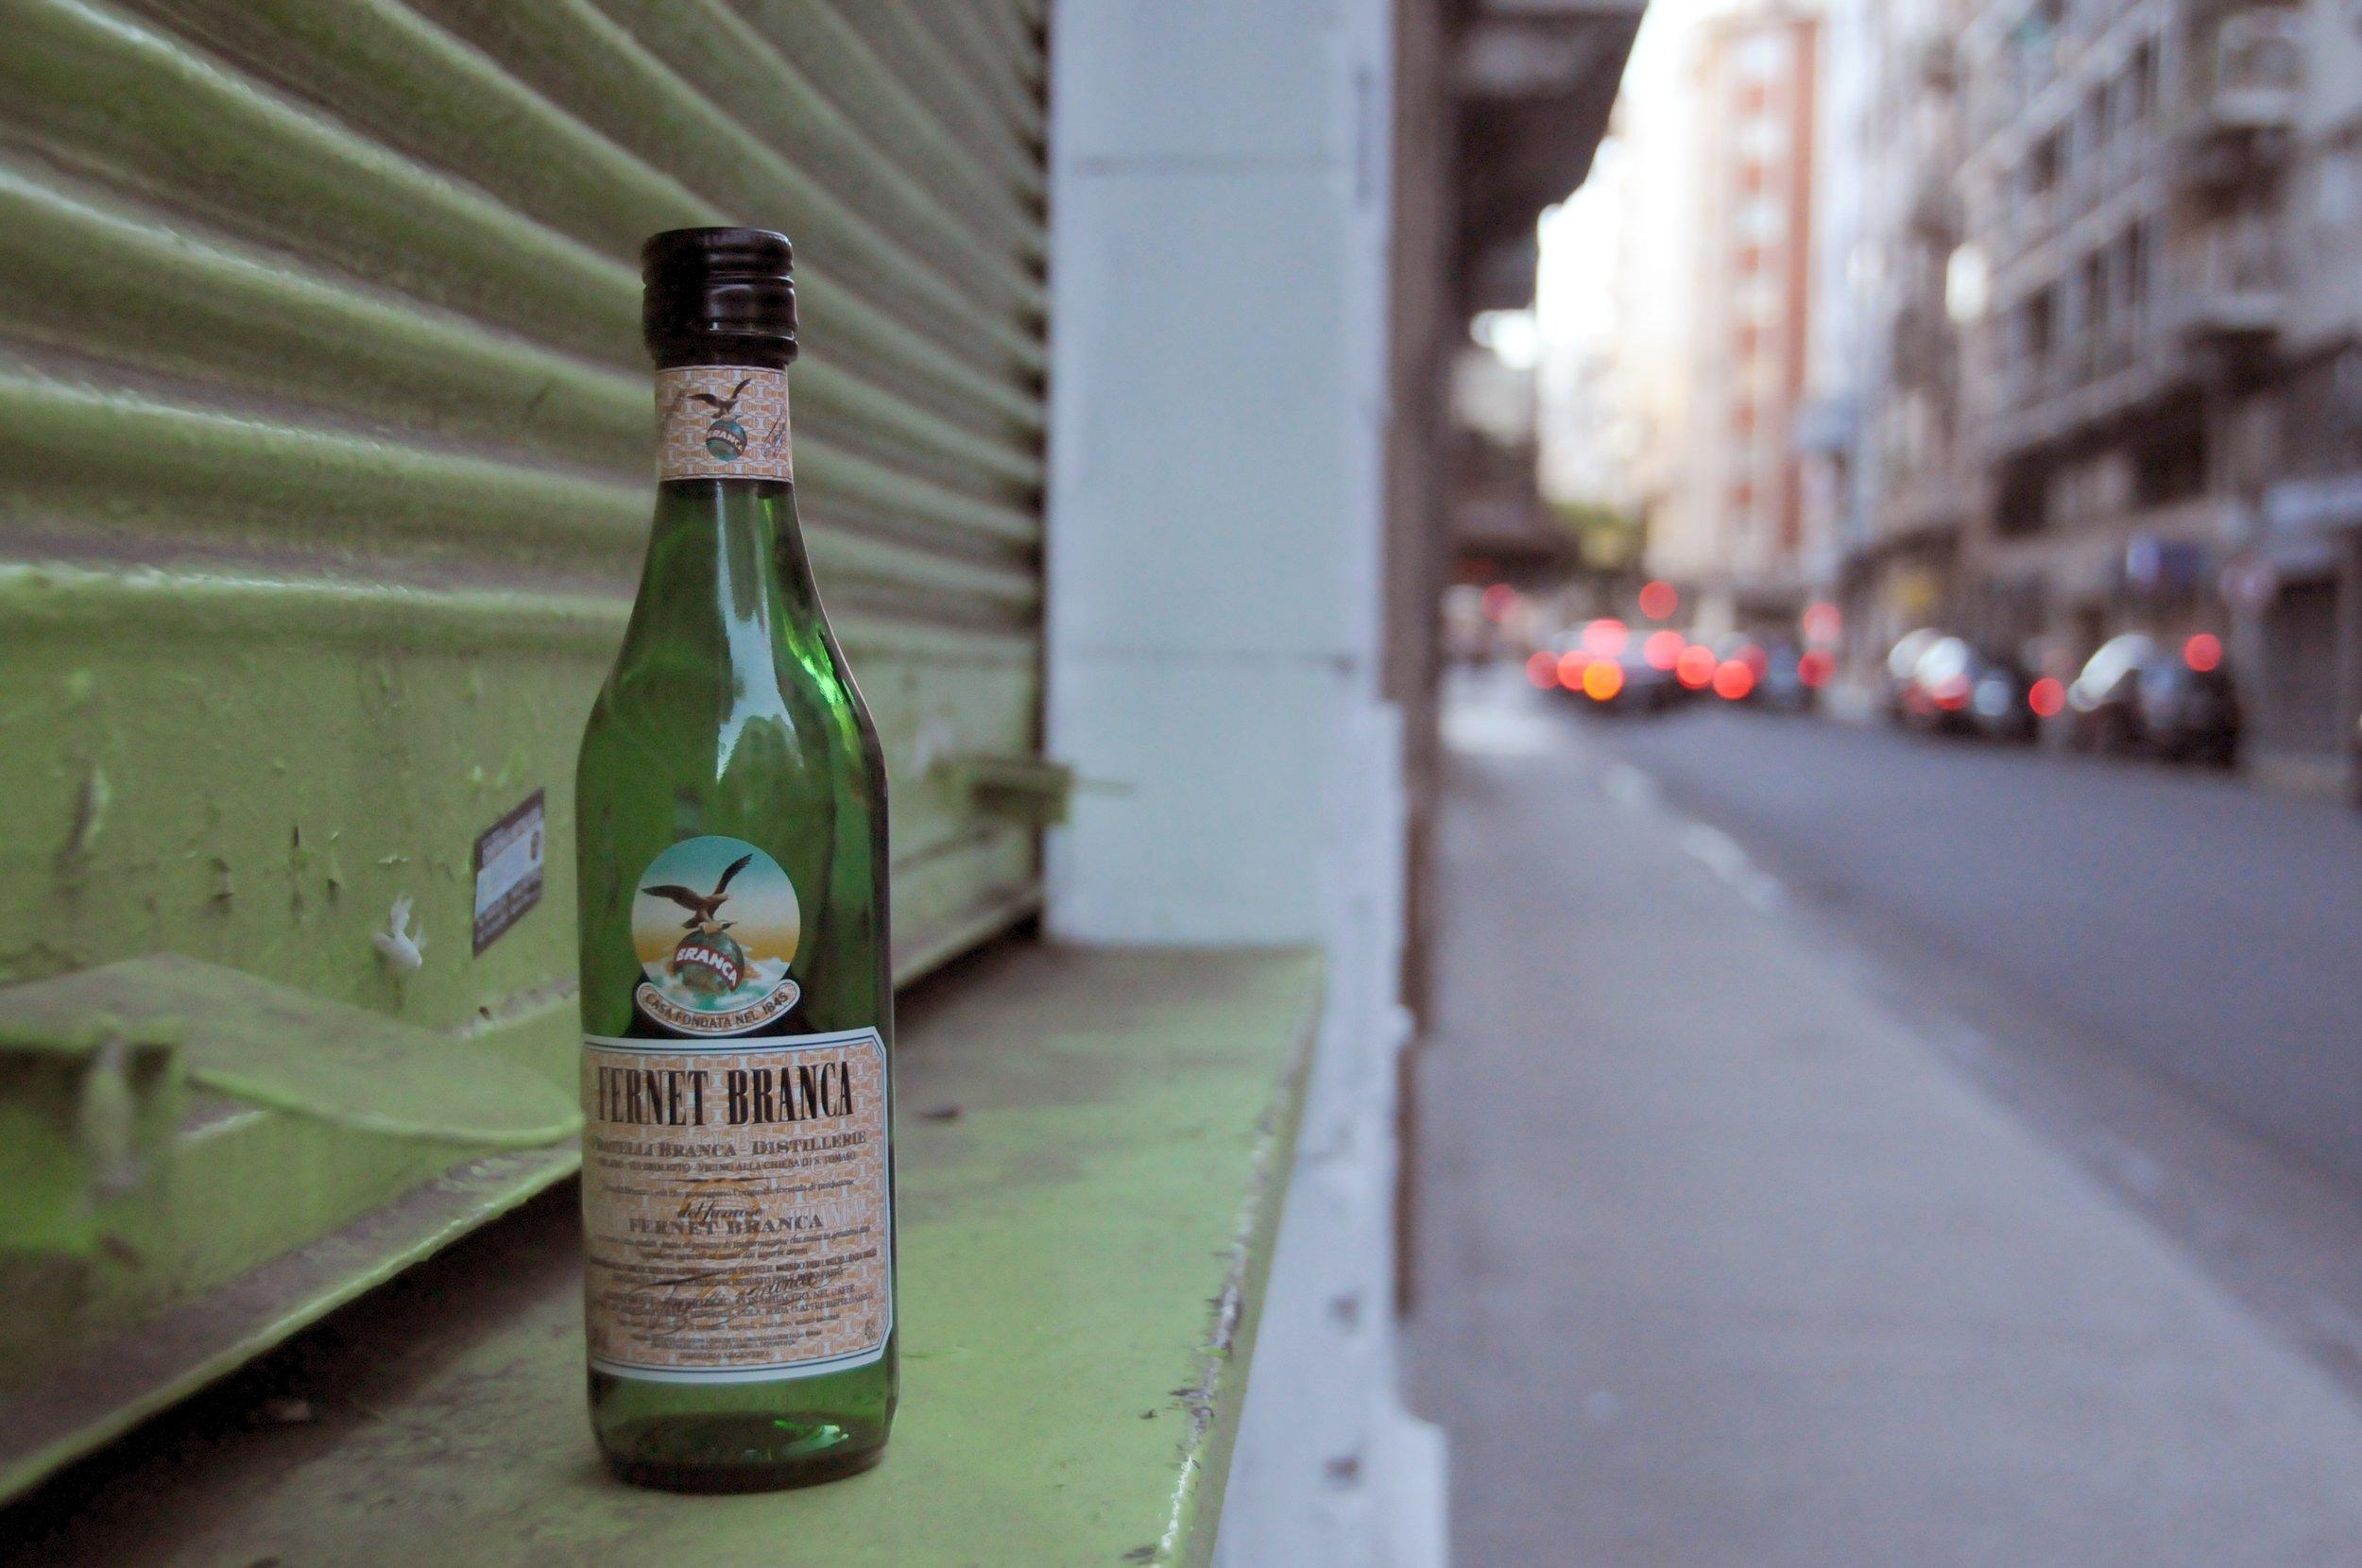 Empty Fernet bottle on the street. Photo by Allison Yates.